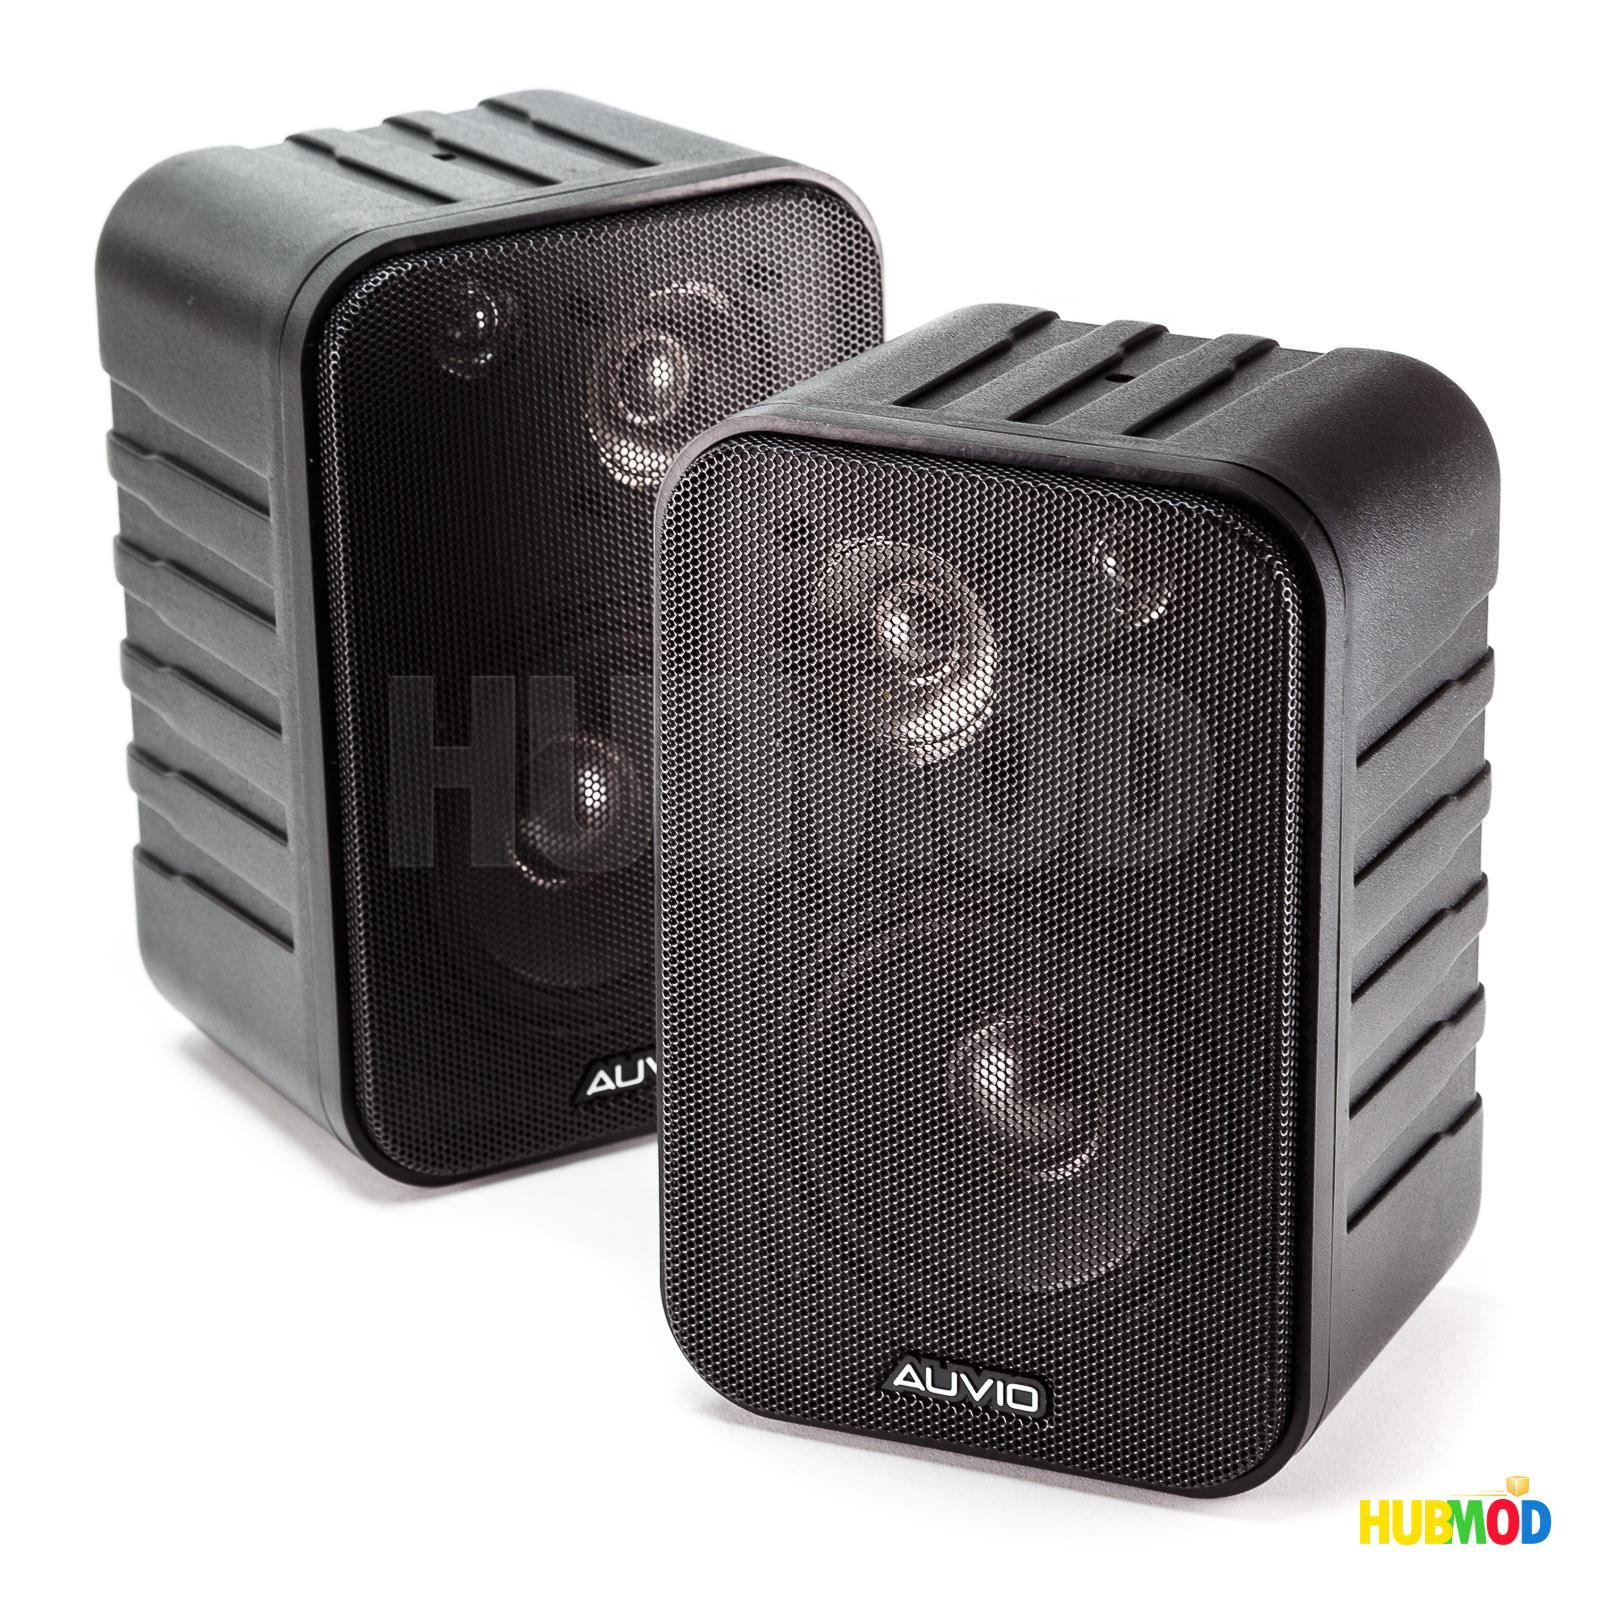 2 Auvio 3 Way Indoor Outdoor Speakers 8H X 5W 45D